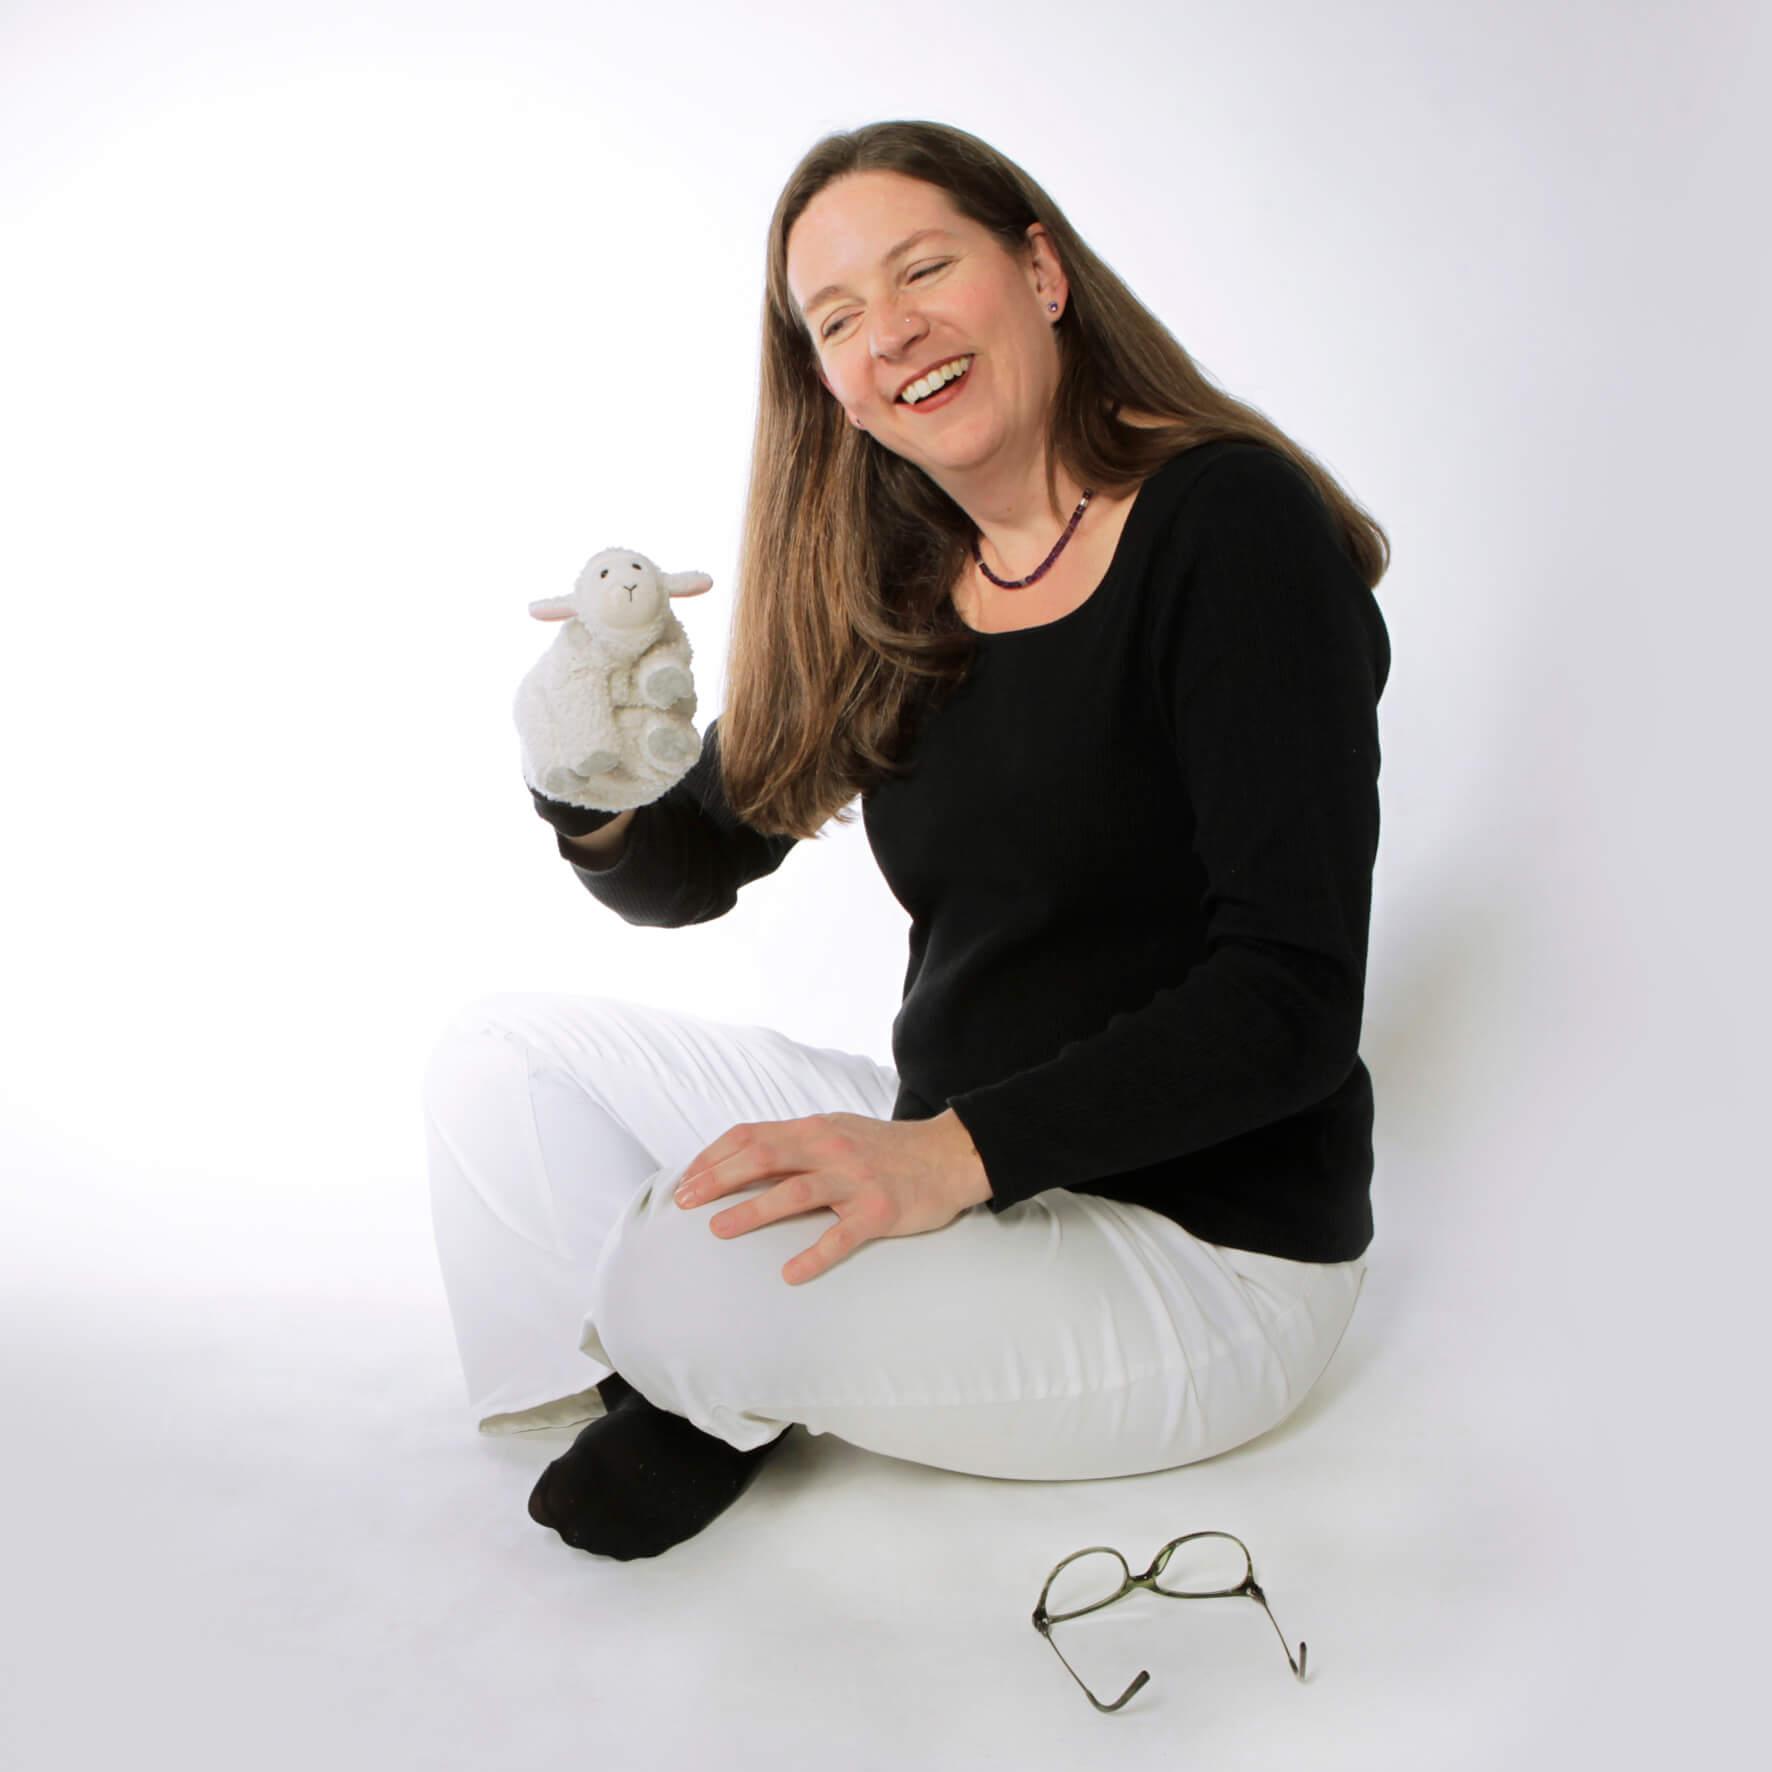 stephanie roesch spielt mit handpuppe kinderhypnose